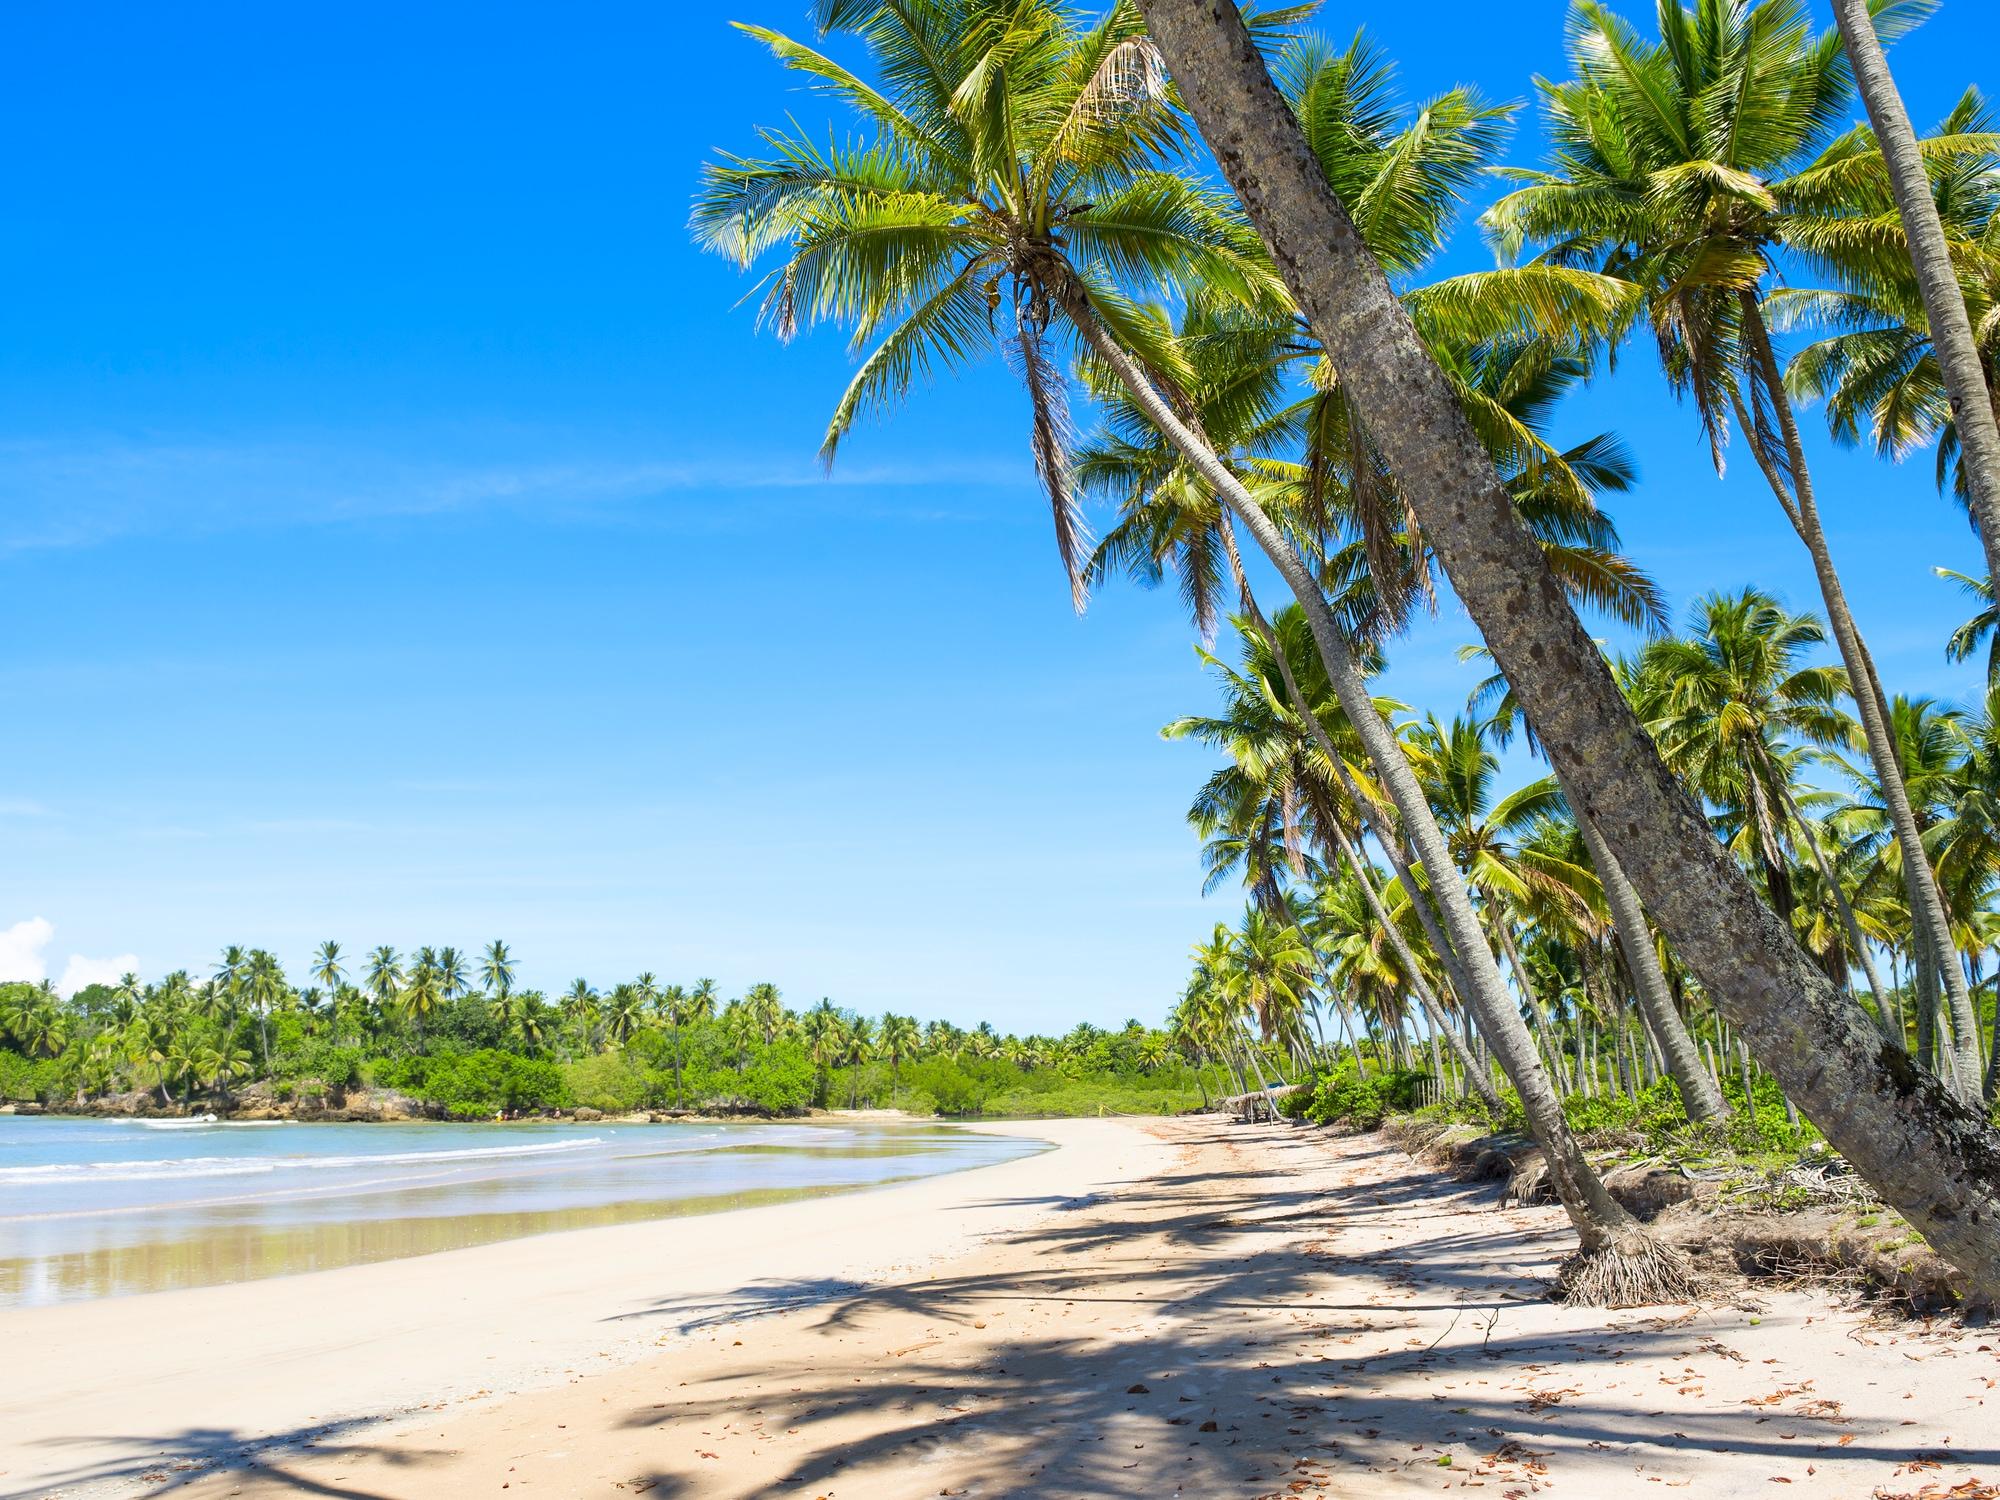 Grand cap vers les plages brésiliennes